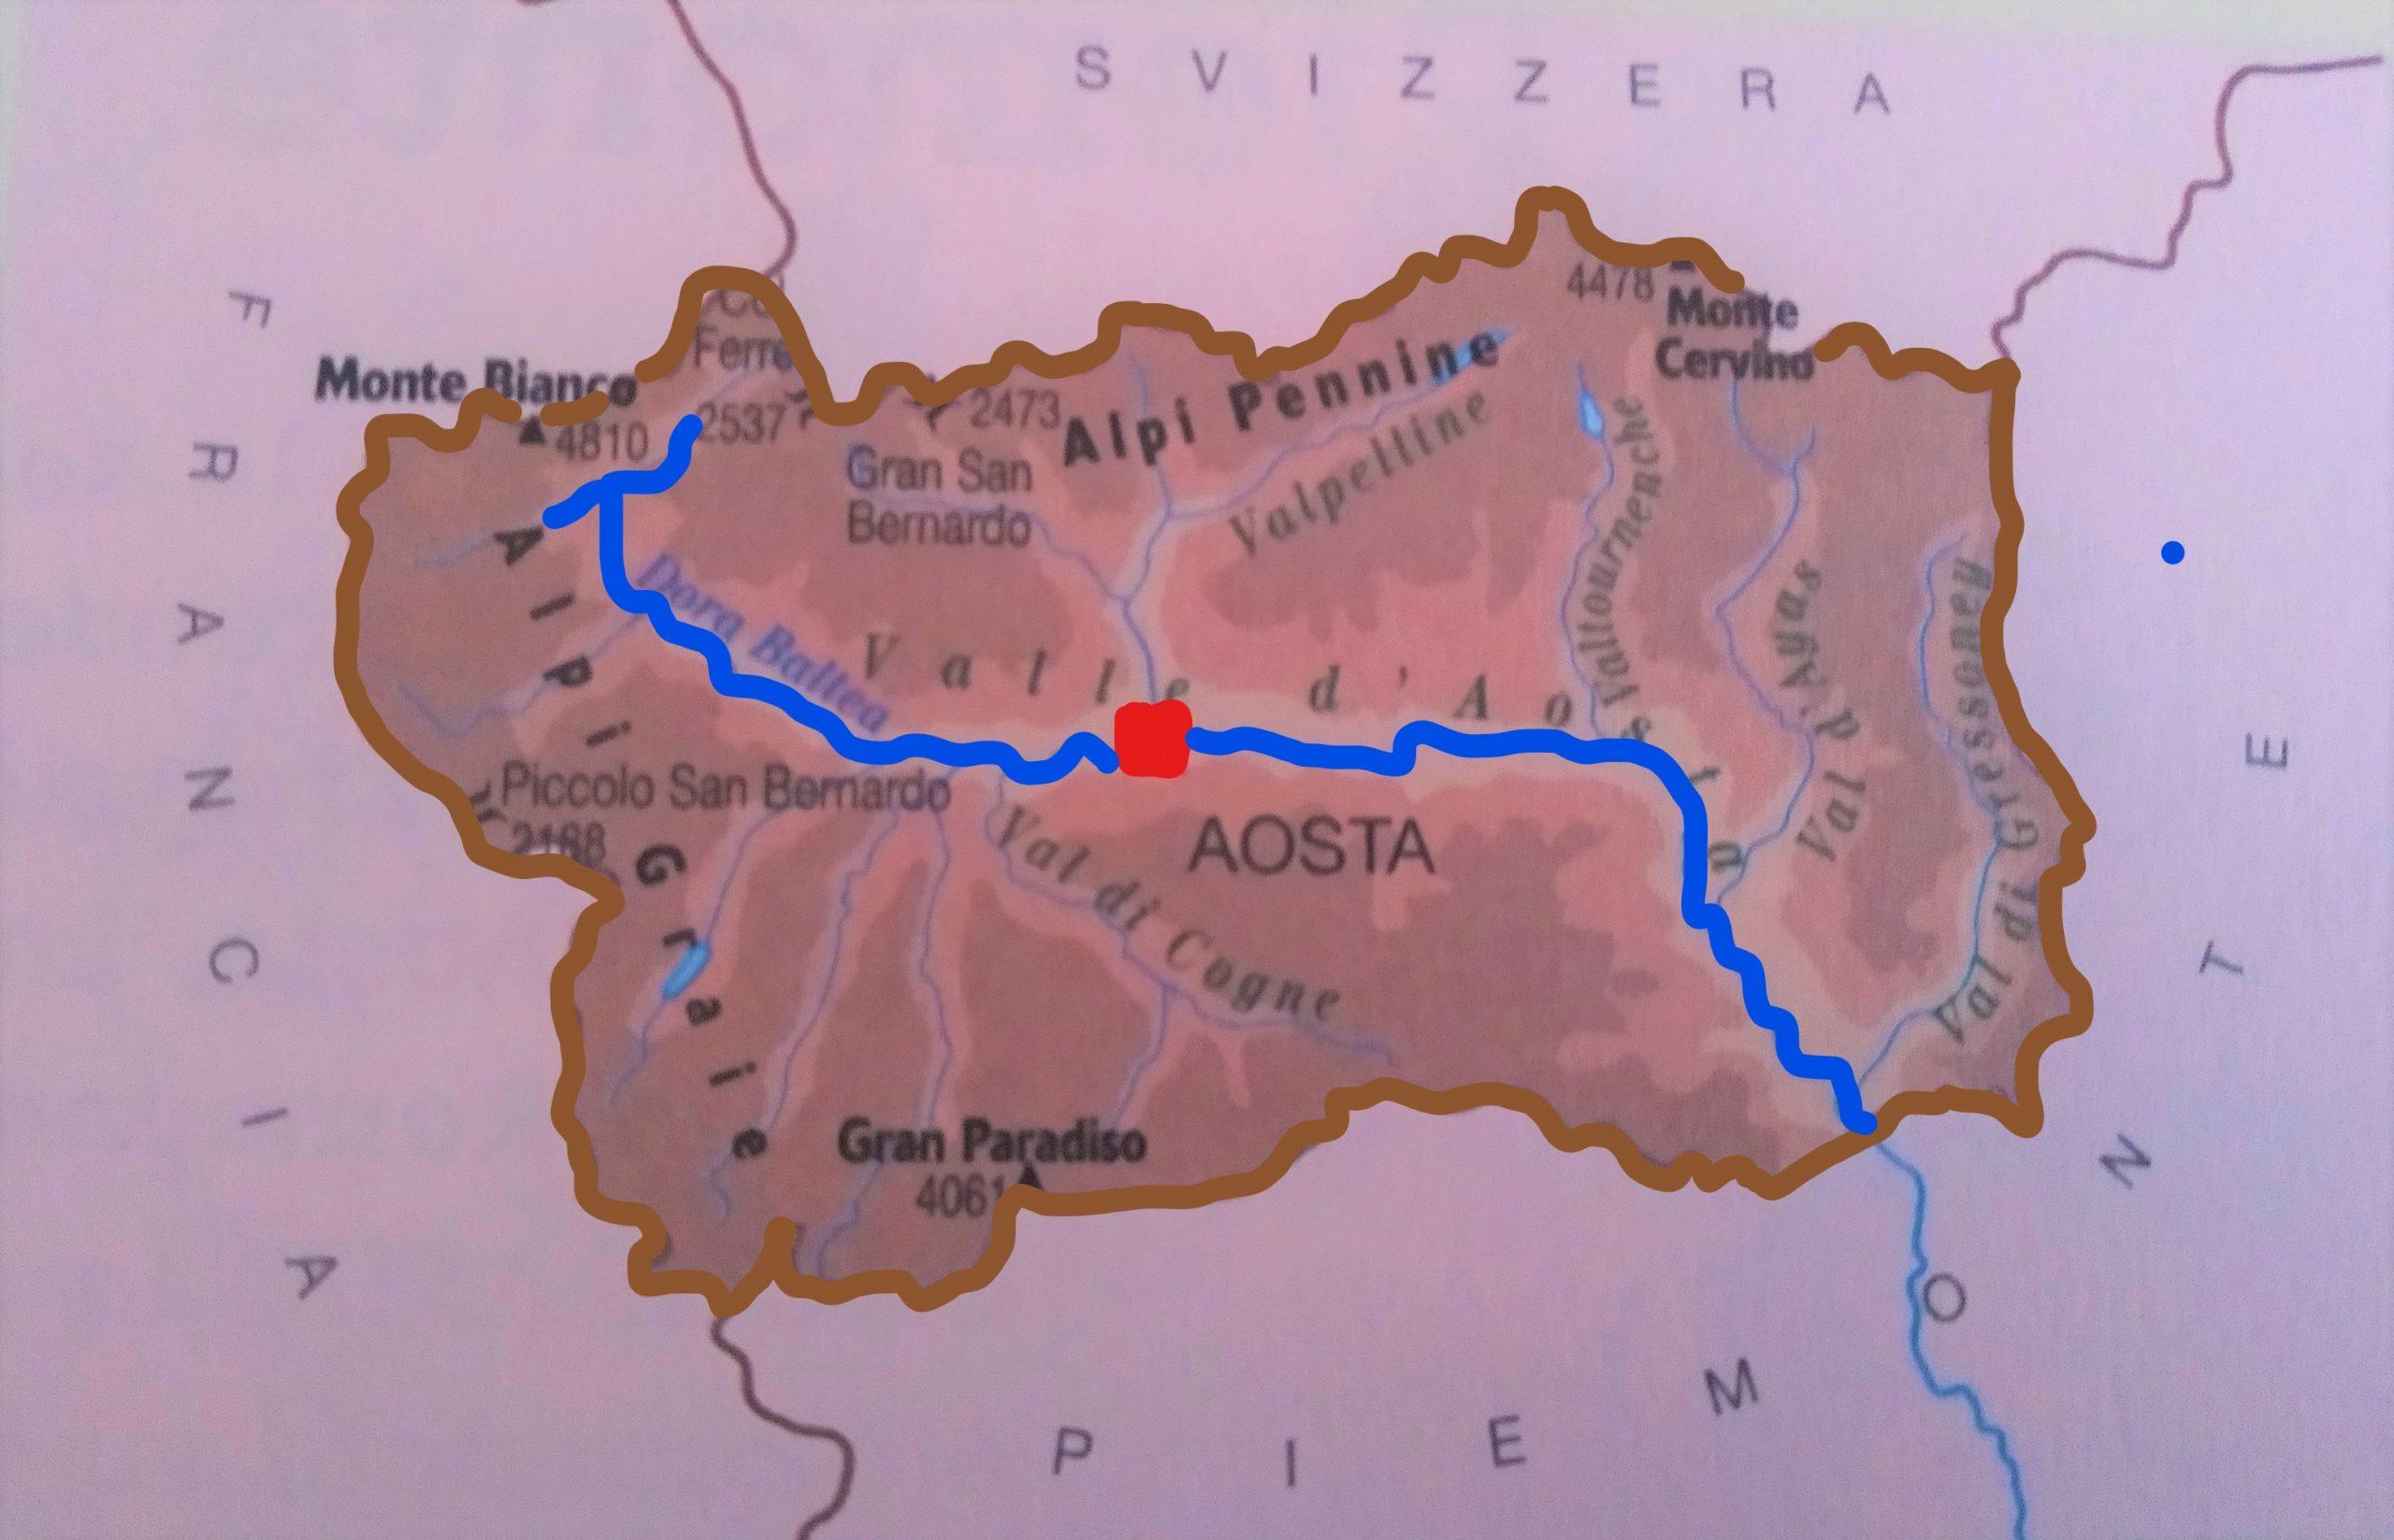 Cartina Della Valle D Aosta Da Stampare.Videolezione Valle D Aosta Geografia Le Regioni Pillole Di Conoscenza